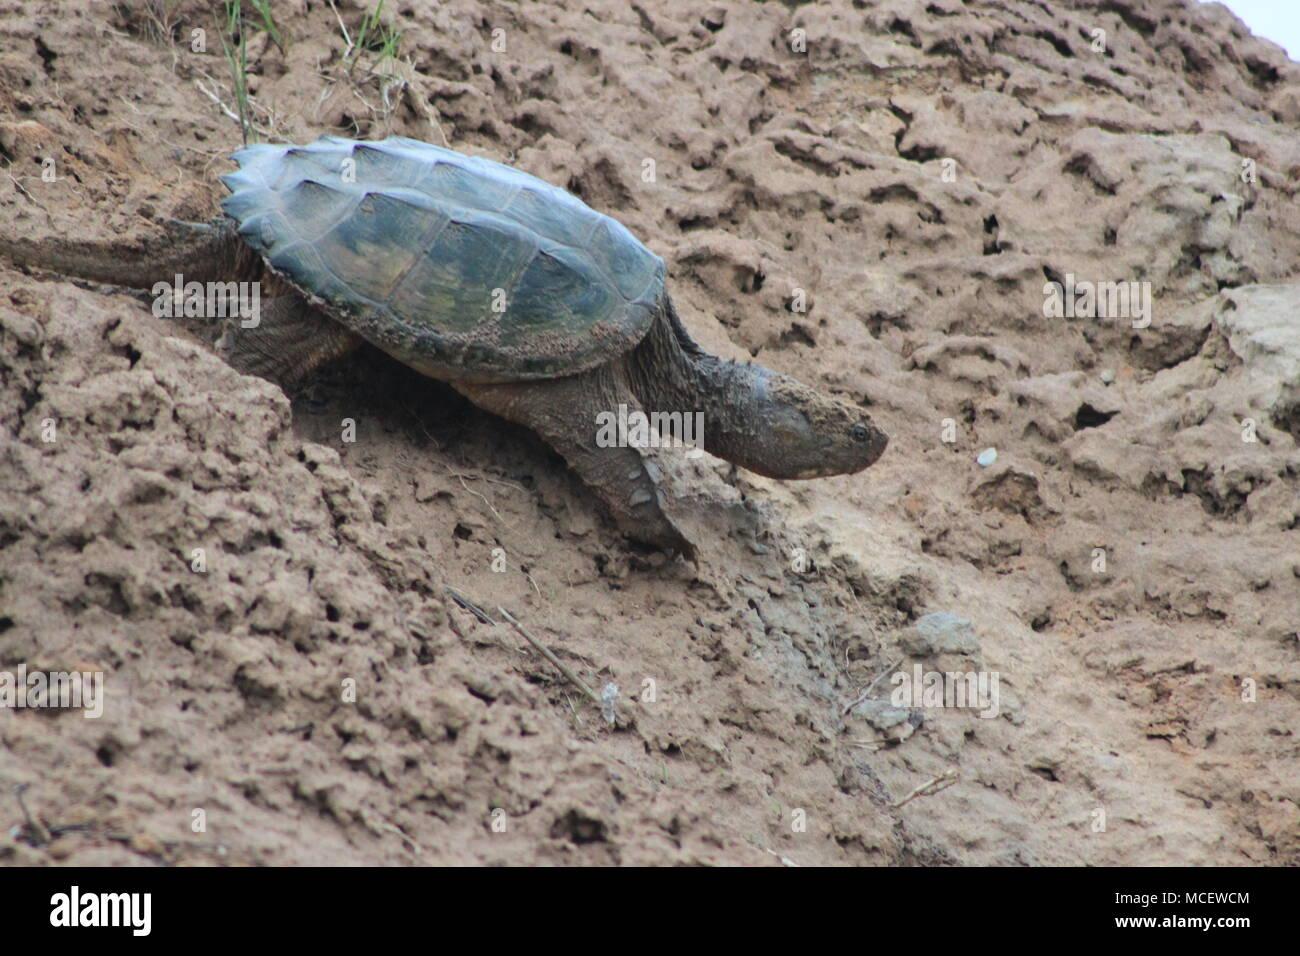 Snapping Turtle near Musquodoboit River, Meagher's Grant, Nova Scotia, Canada Stock Photo